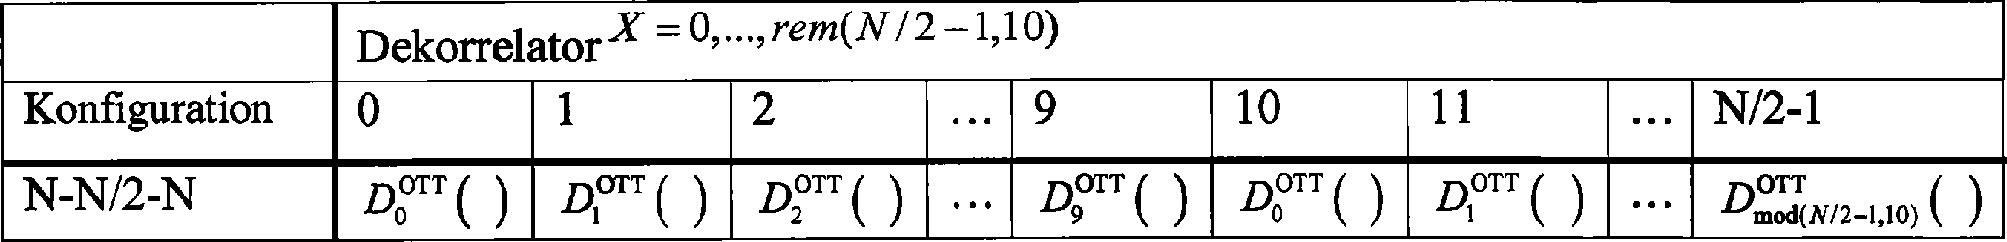 Figure DE112015003108T5_0039